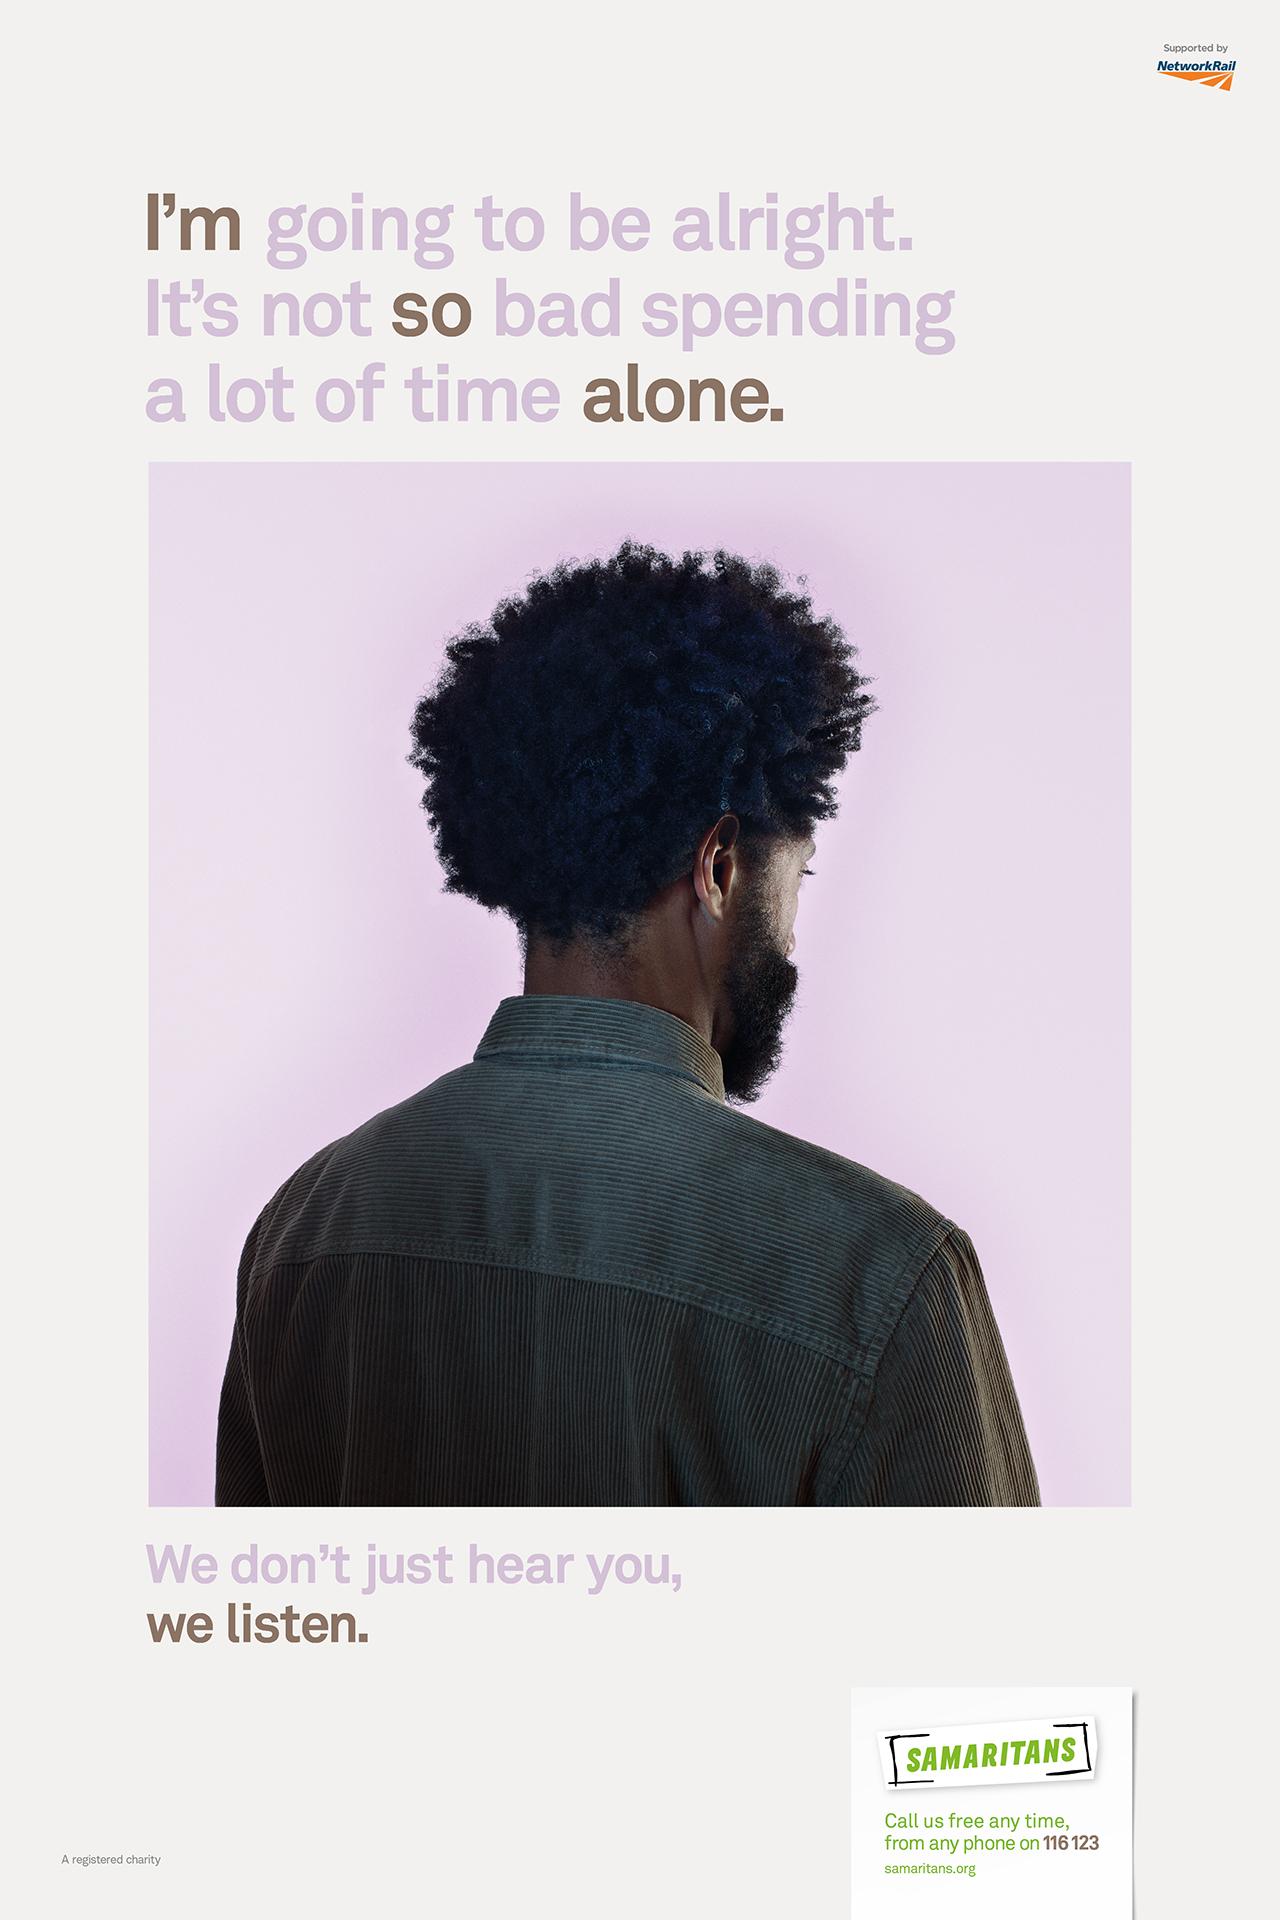 """""""Voy a estar bien. No es tan malo pasar mucho tiempo solo."""" Afiche de la campaña ©Nadav Kander para MullenLowe, Londres"""